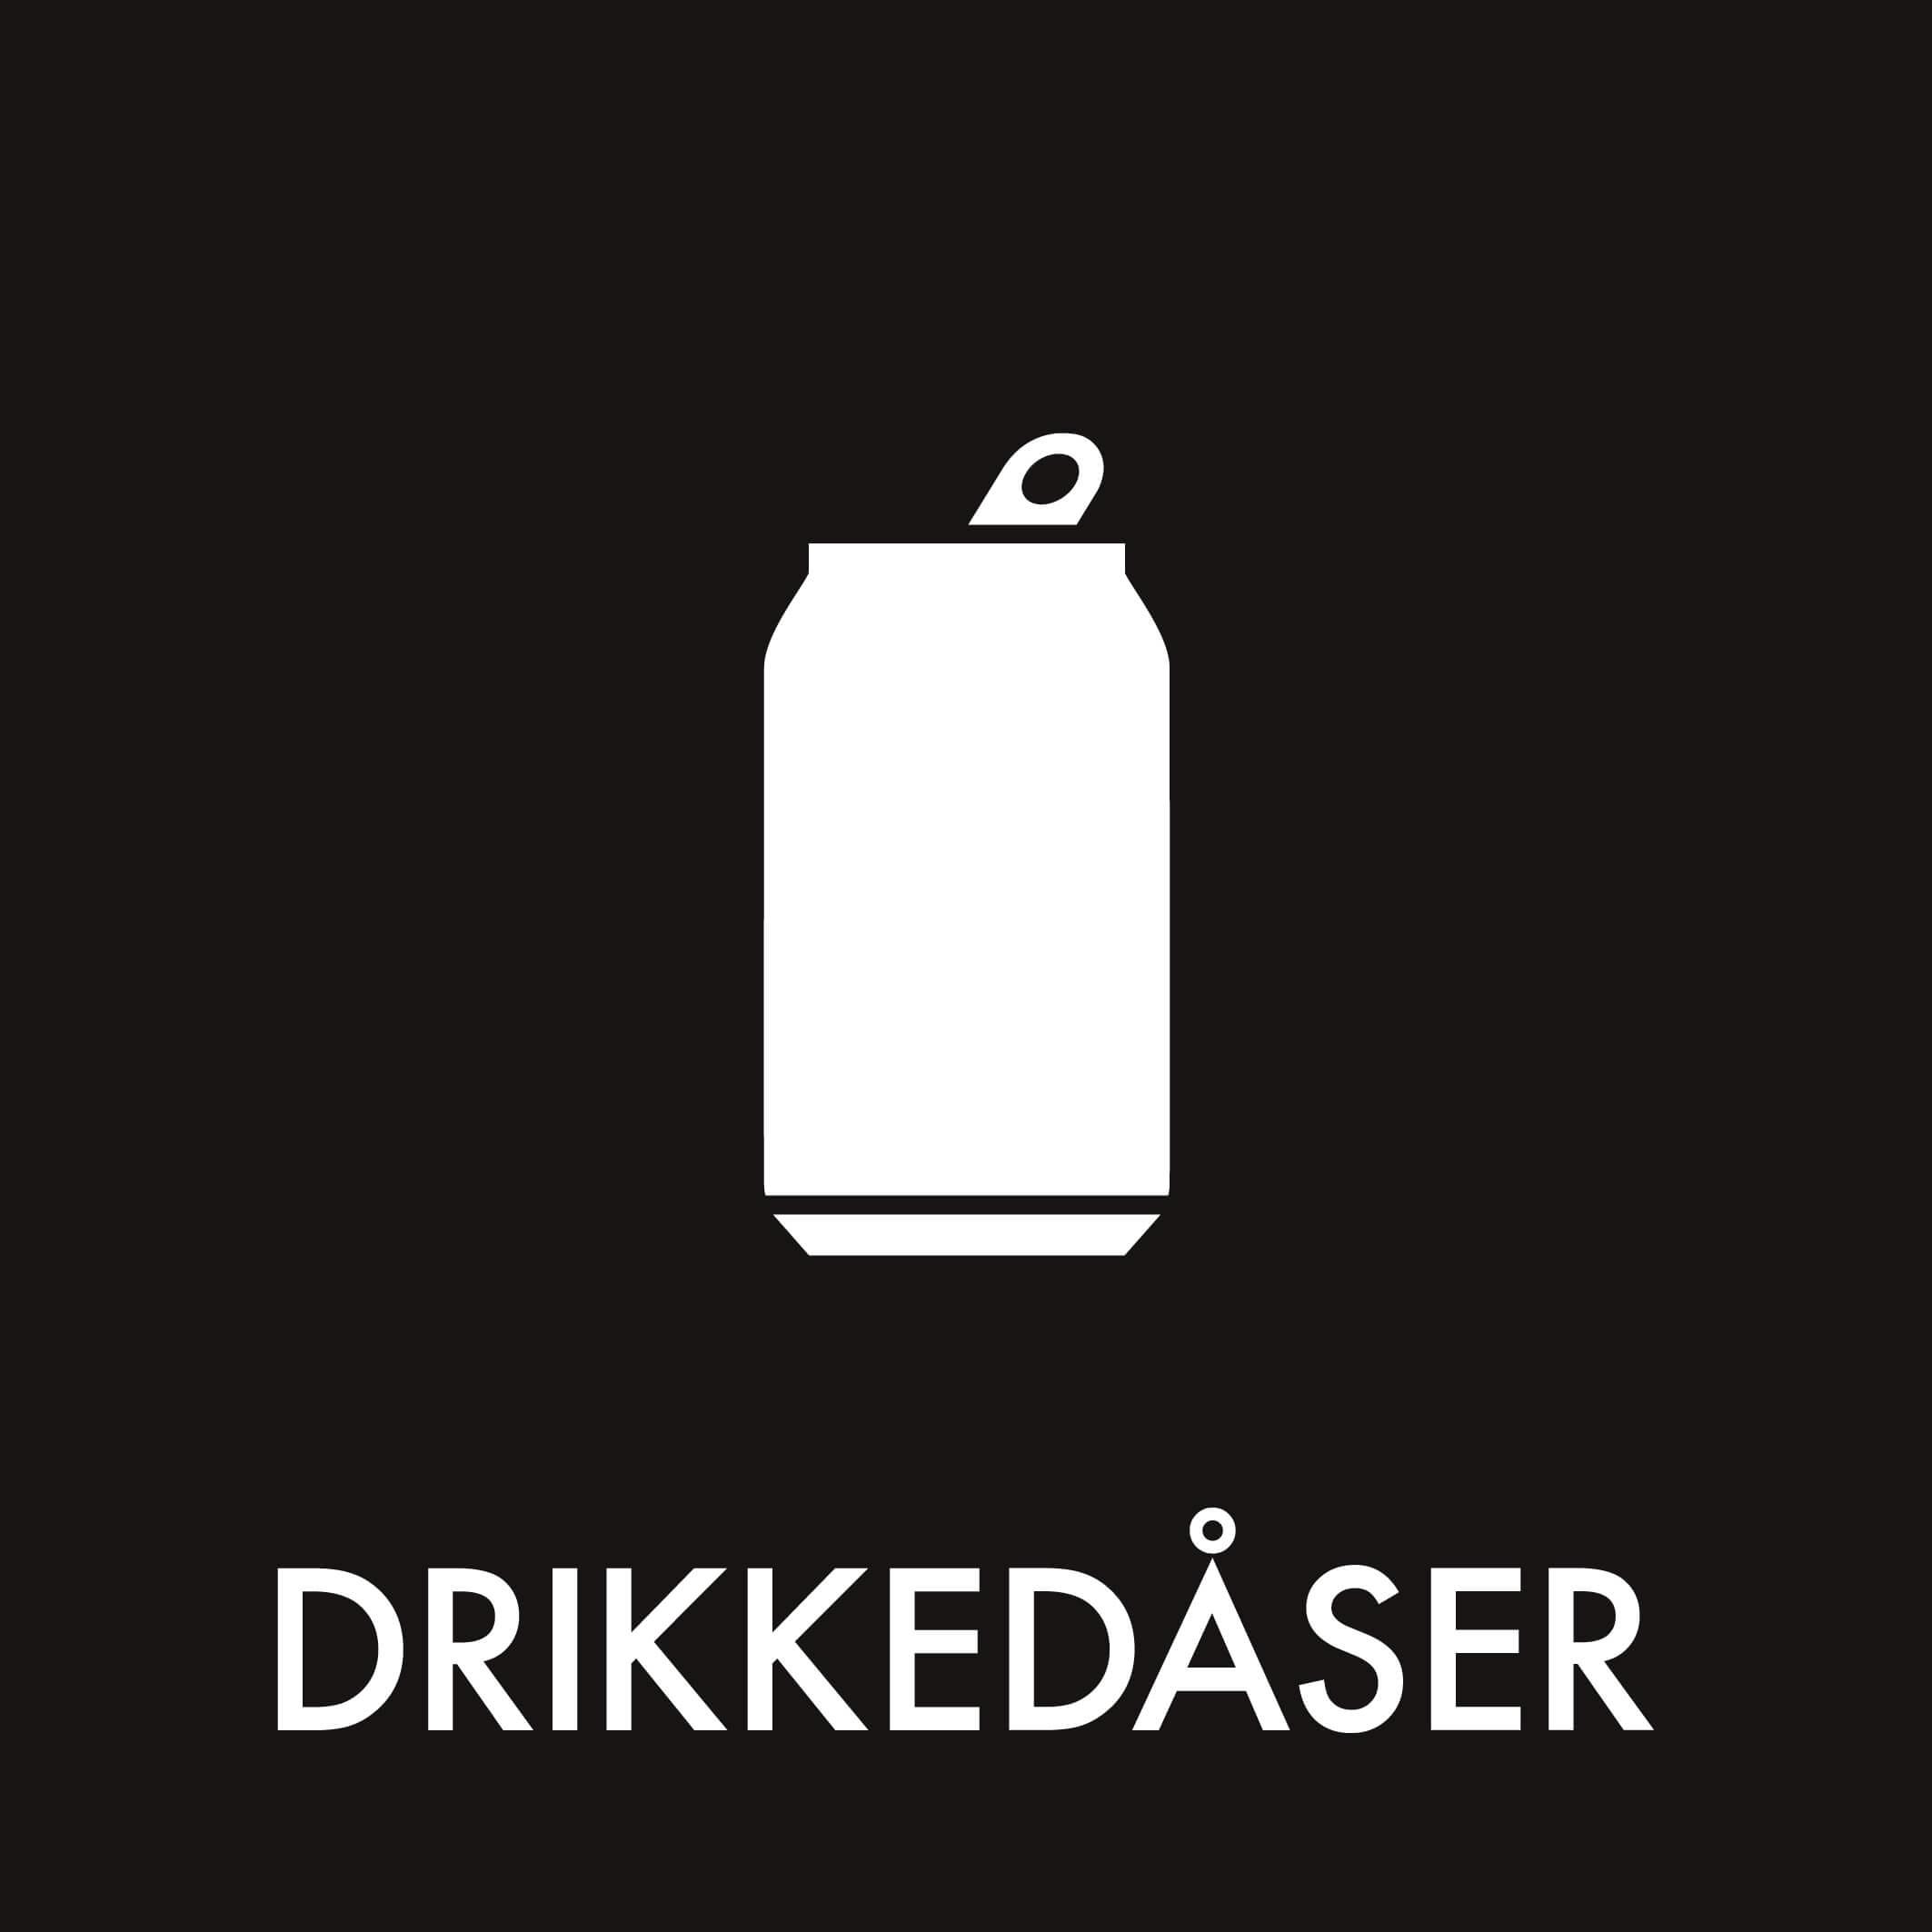 Dansk Affaldssortering - Drikkedåser sort